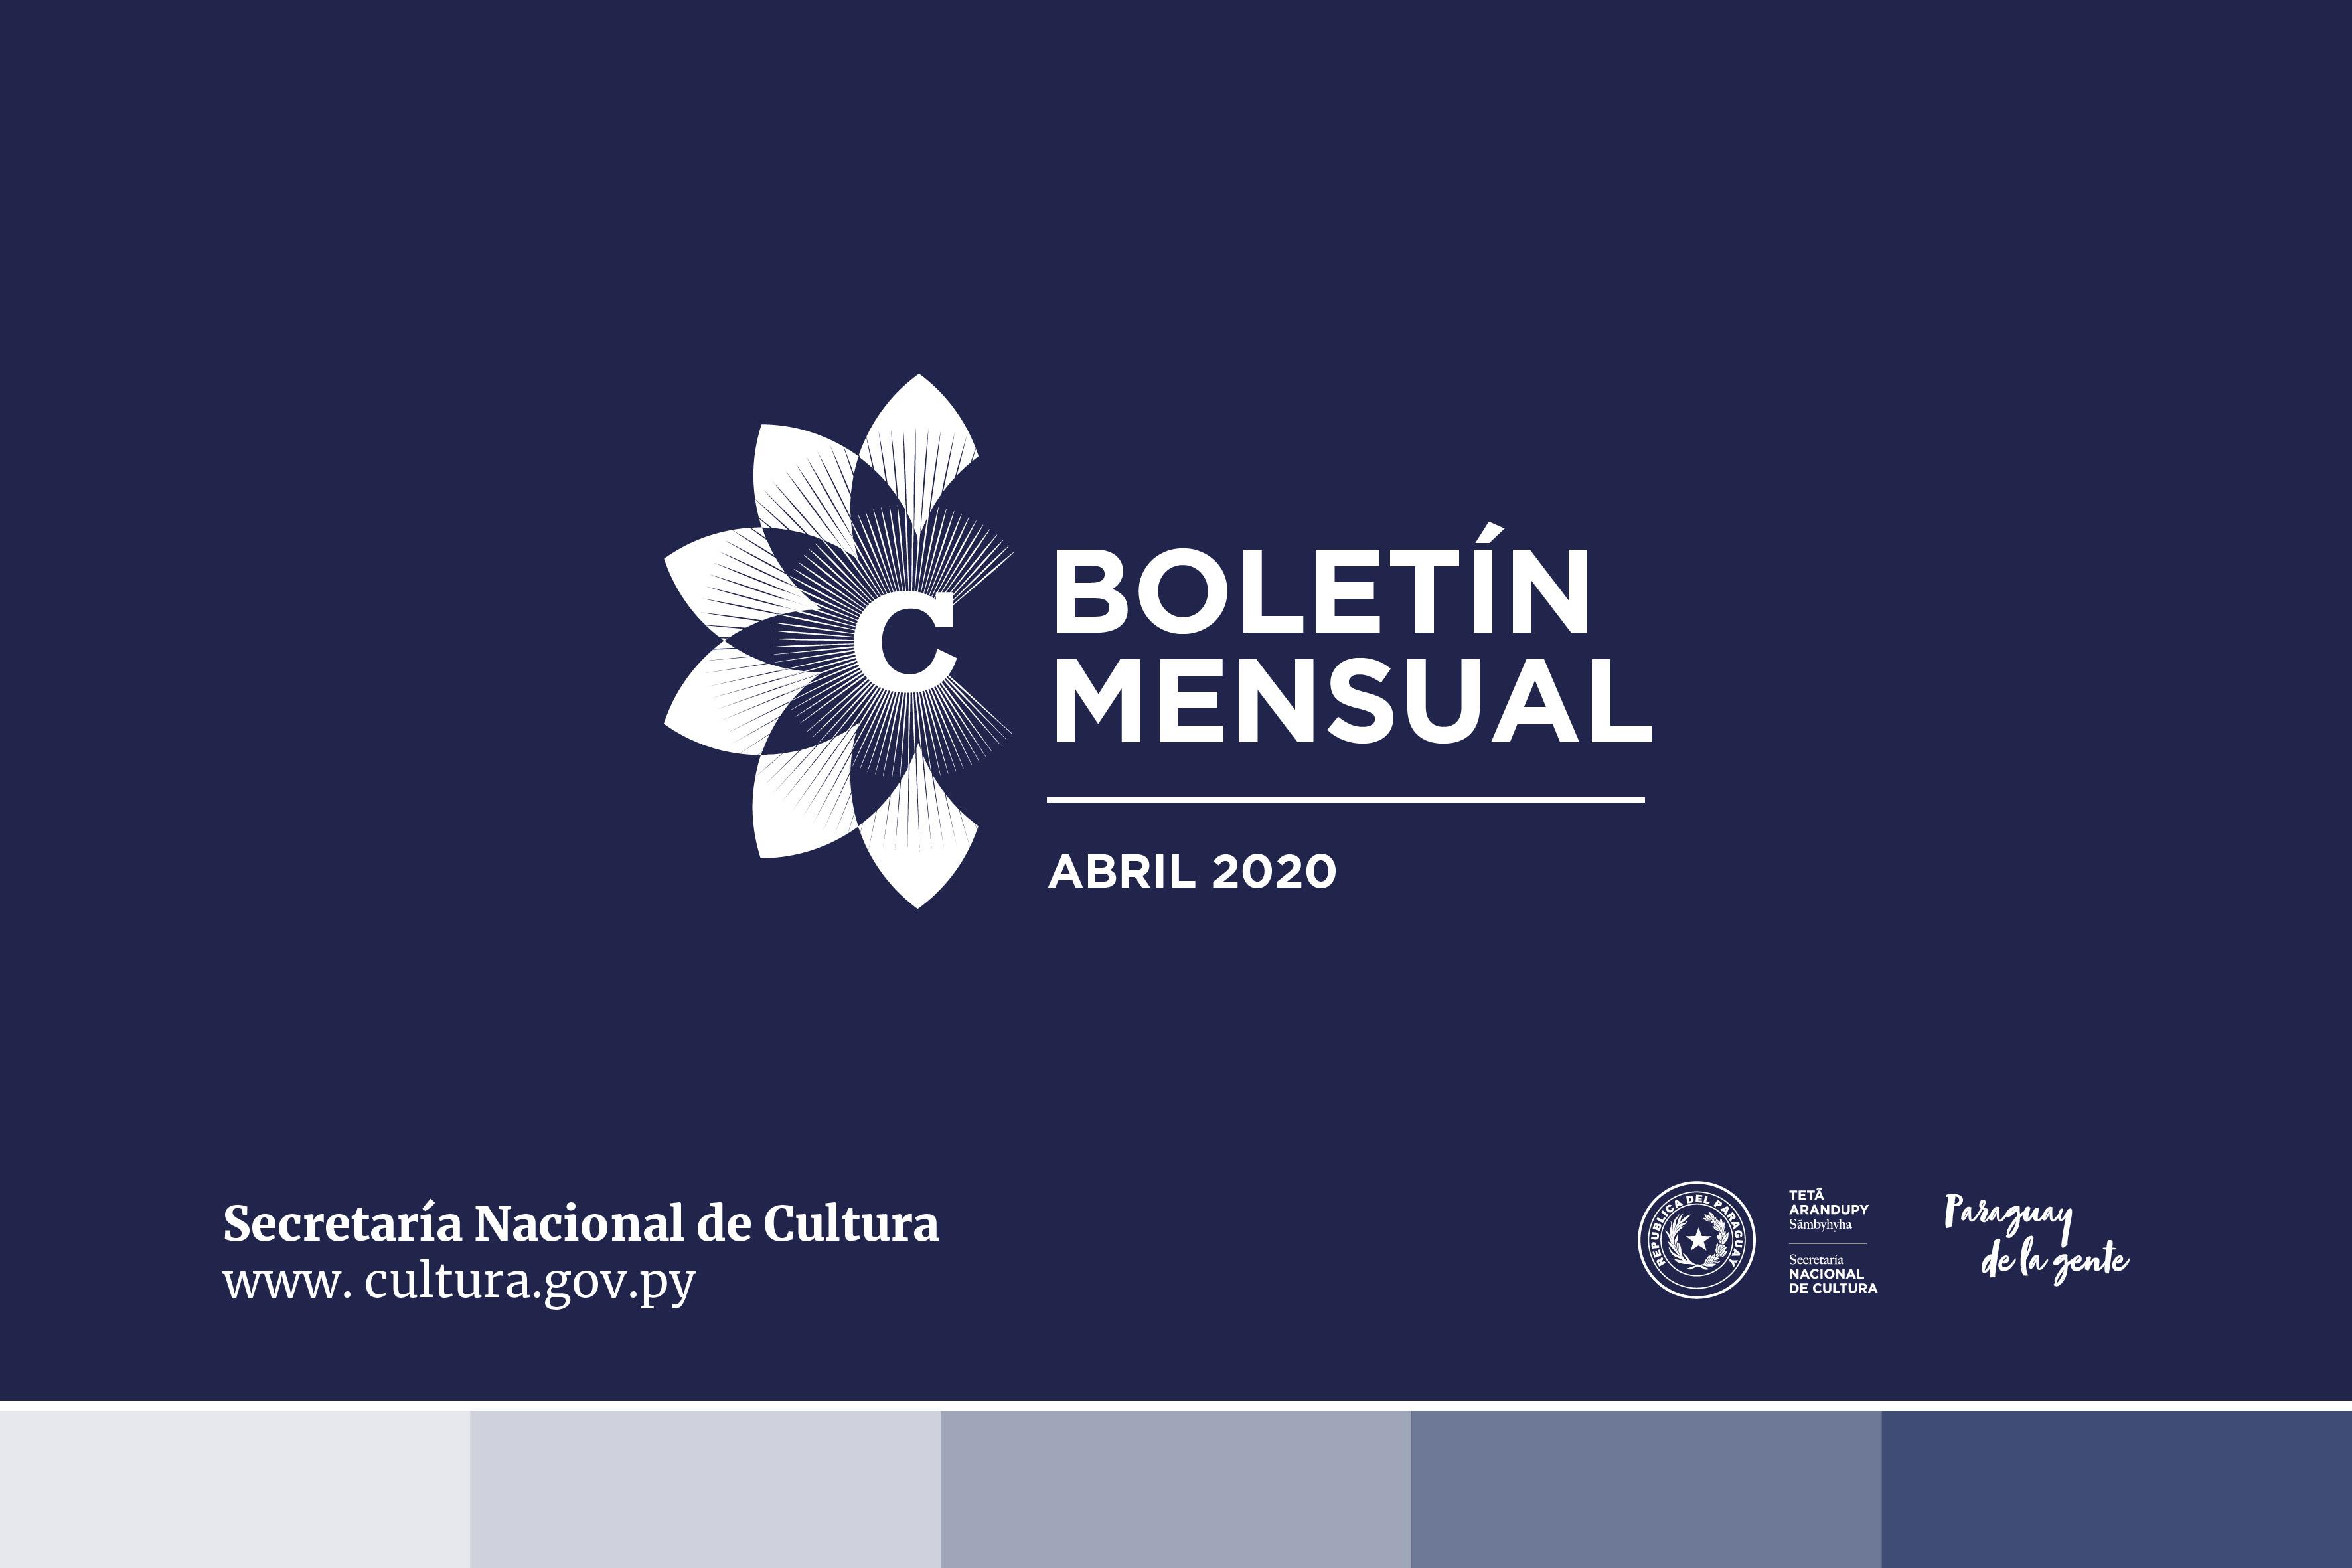 Boletín mensual: Abril 2020 imagen